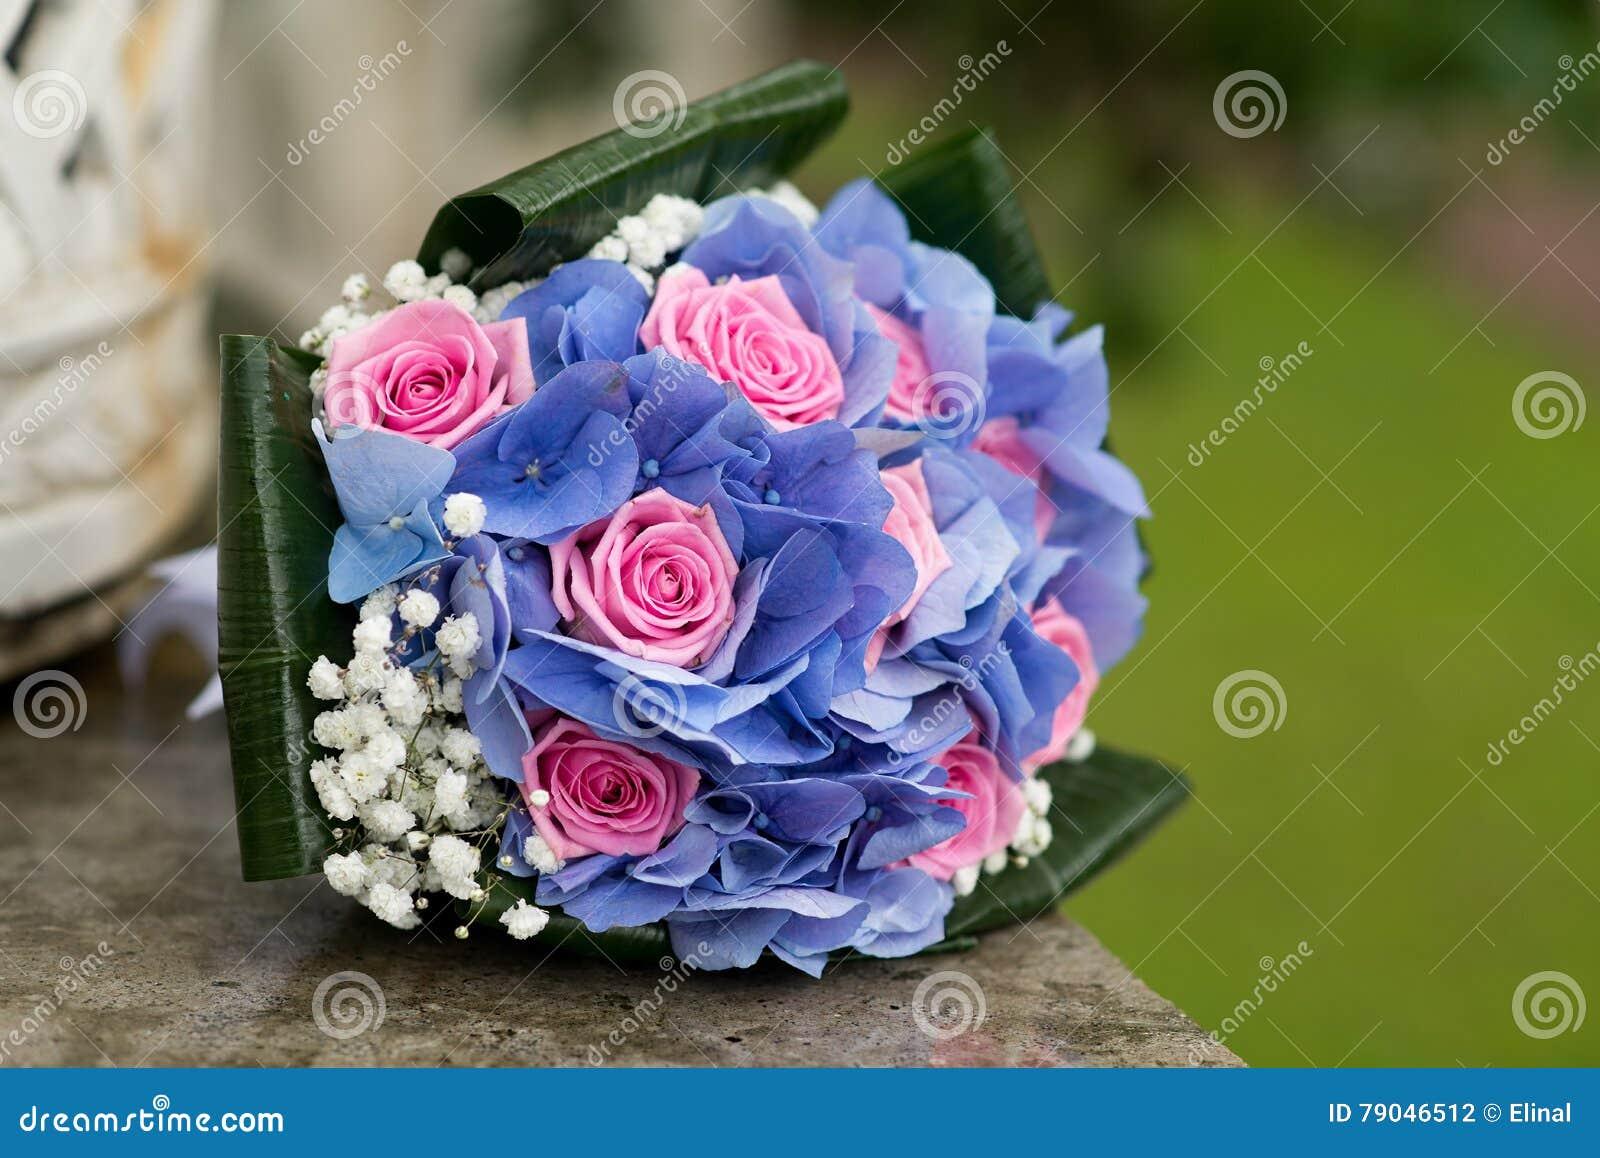 svadebniy-buket-tolko-gortenziya-i-rozi